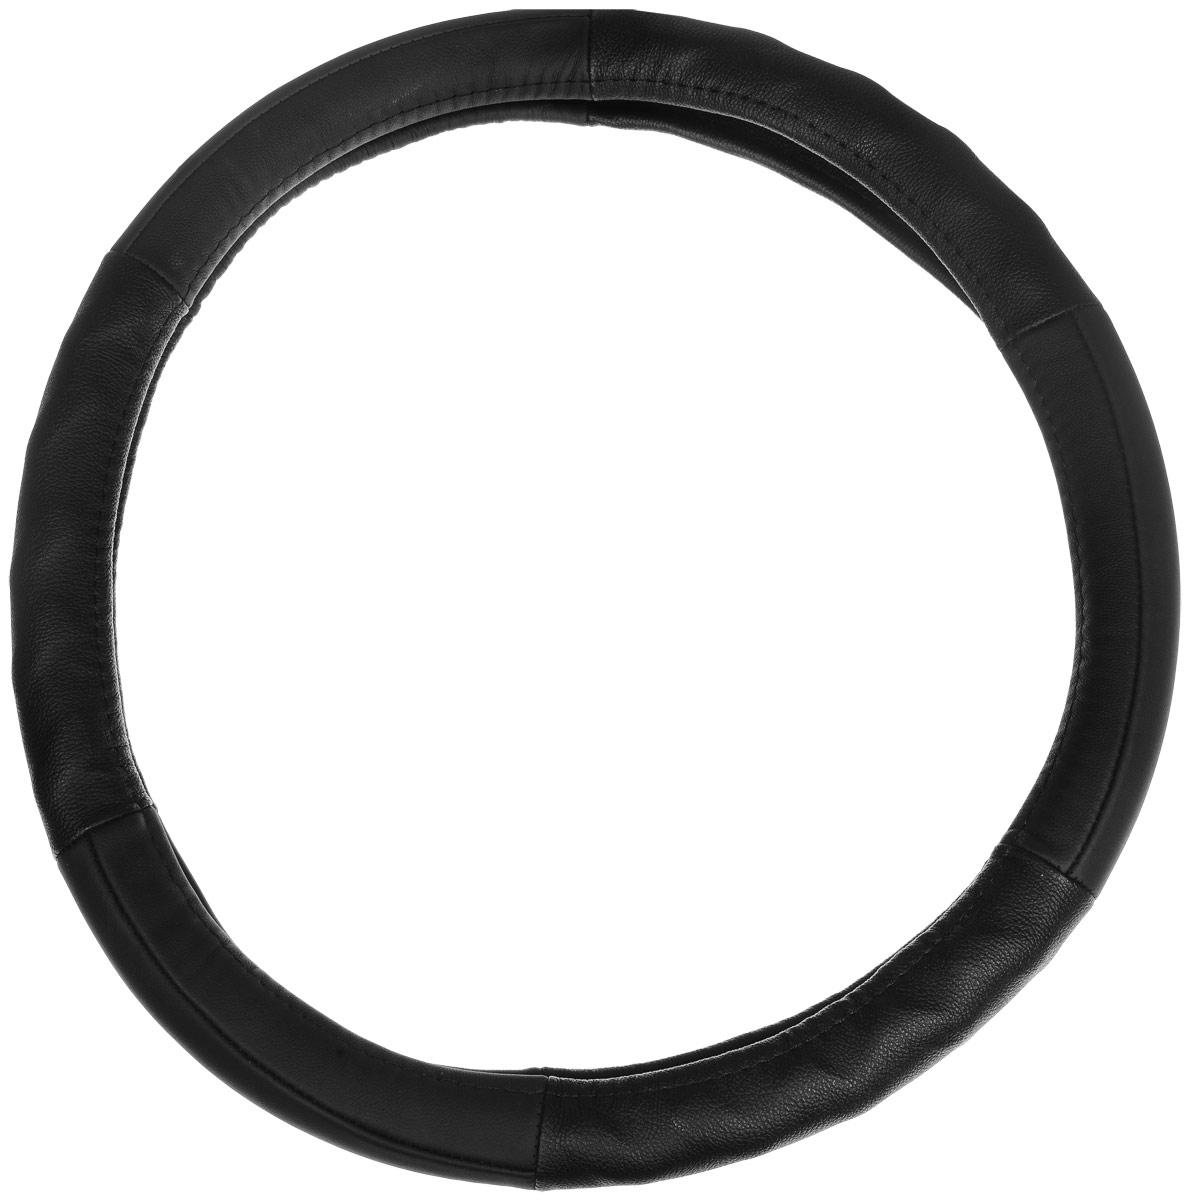 Оплетка руля Autoprofi AP-300, протектор елочкой, цвет: черный. Размер M (38 см). AP-300 BK (M) цена